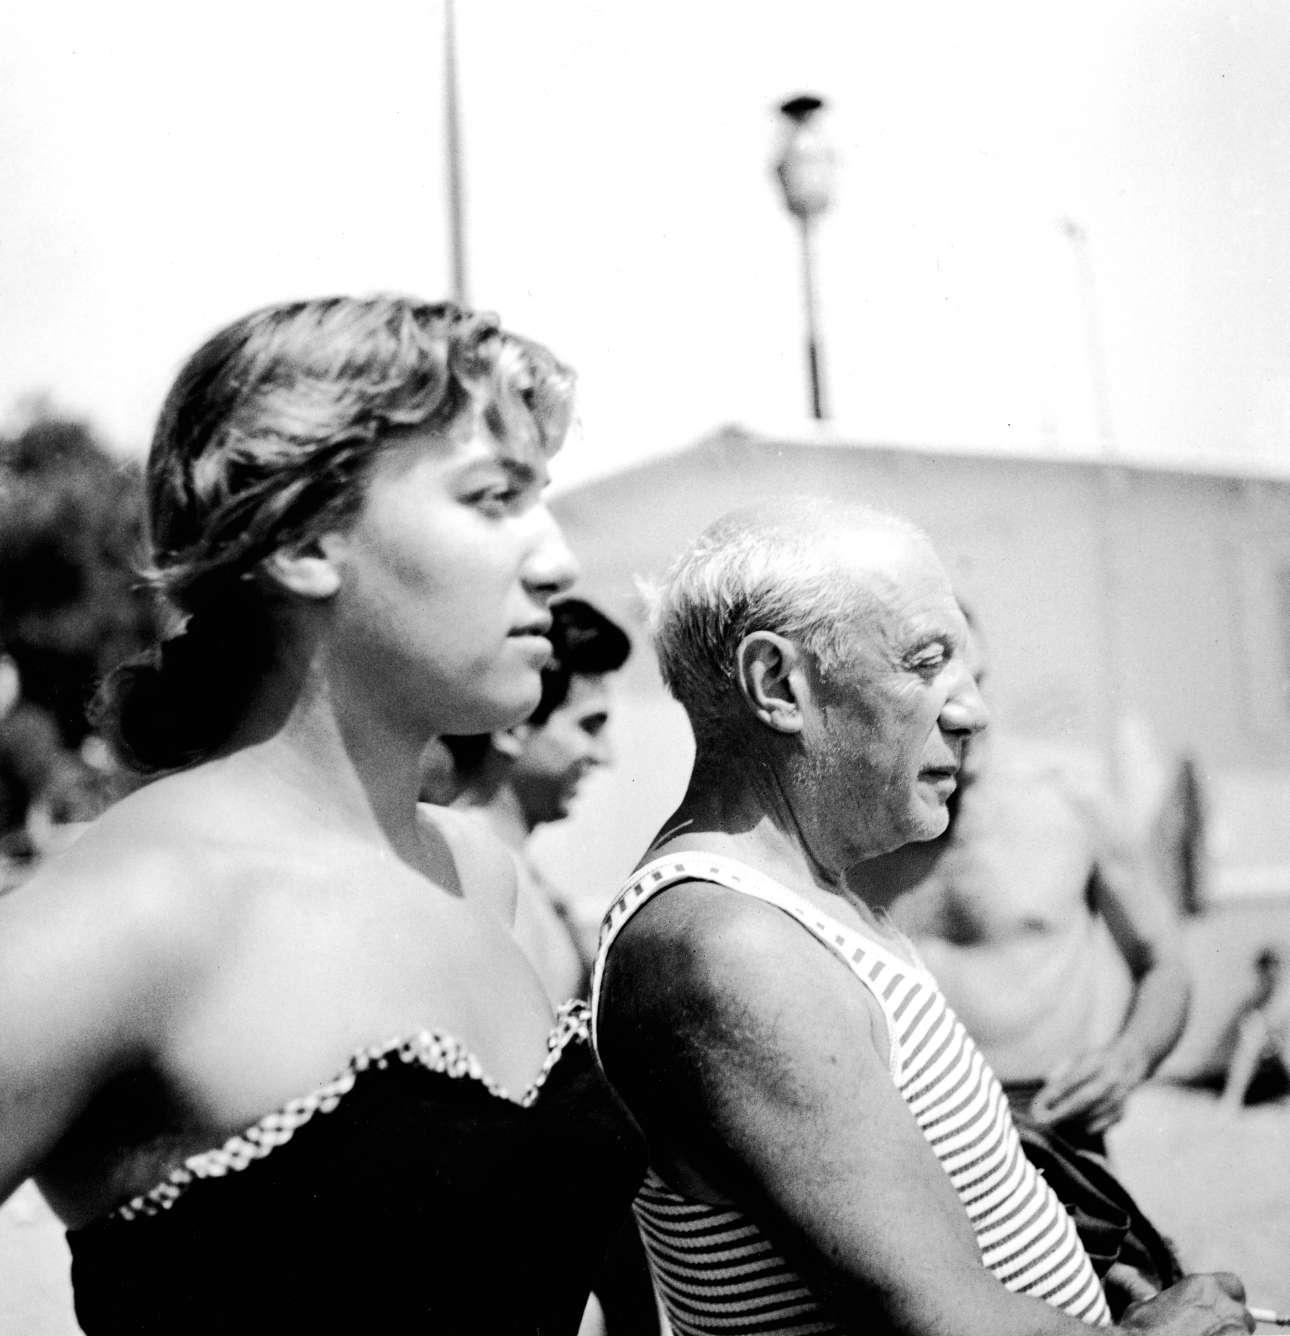 Δεκαετία του 1960, λάτρης των ταυρομαχιών και των γυναικών παρά το προχωρημένο της ηλικίας του. Εδώ με μια γυναικεία συντροφιά παρακολουθεί ταυρομαχία στην Ισπανία